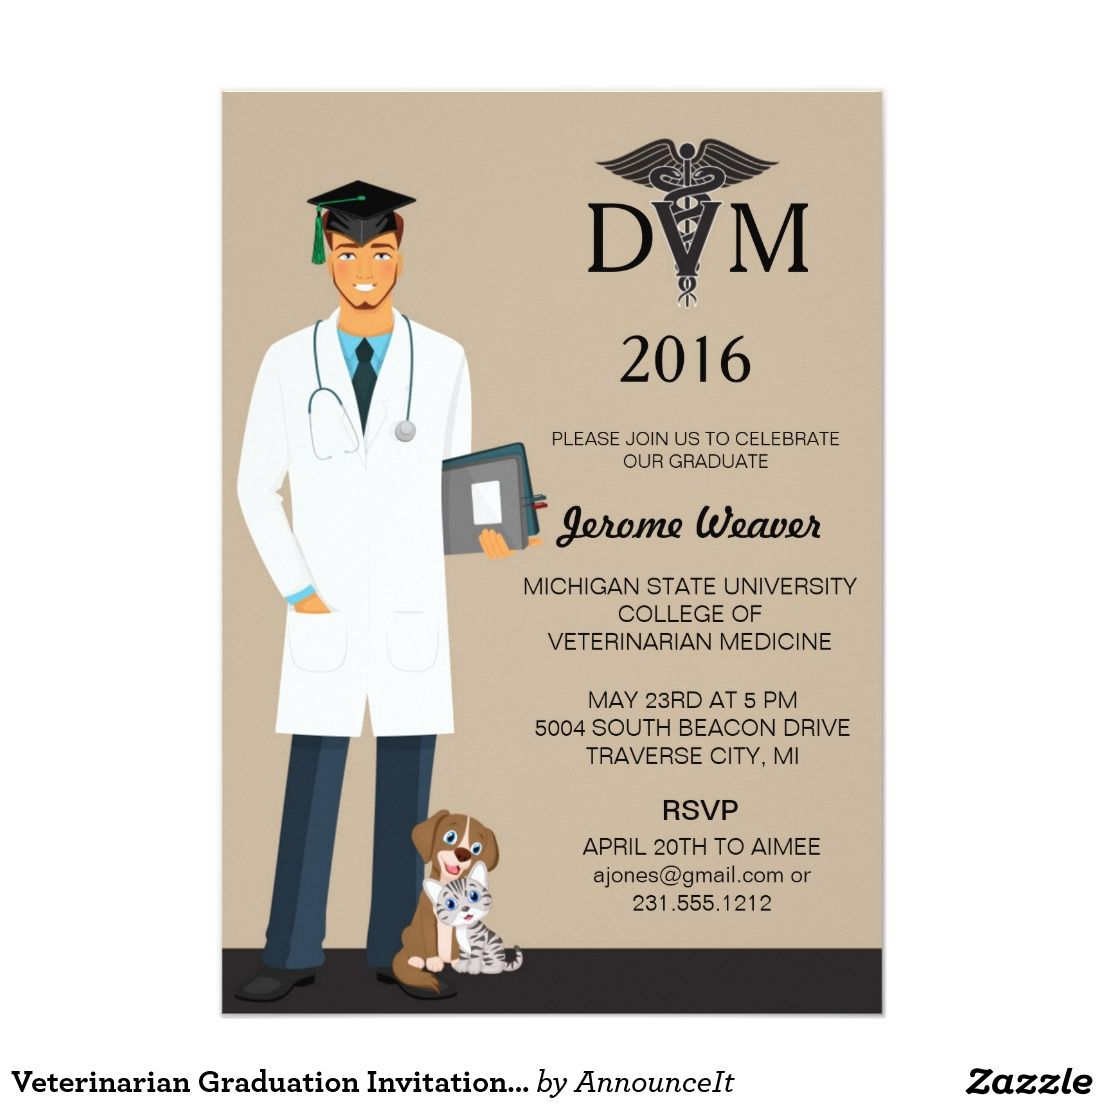 Veterinarian graduation invitation announcement zazzle pinterest veterinarian graduation invitation announcement filmwisefo Images